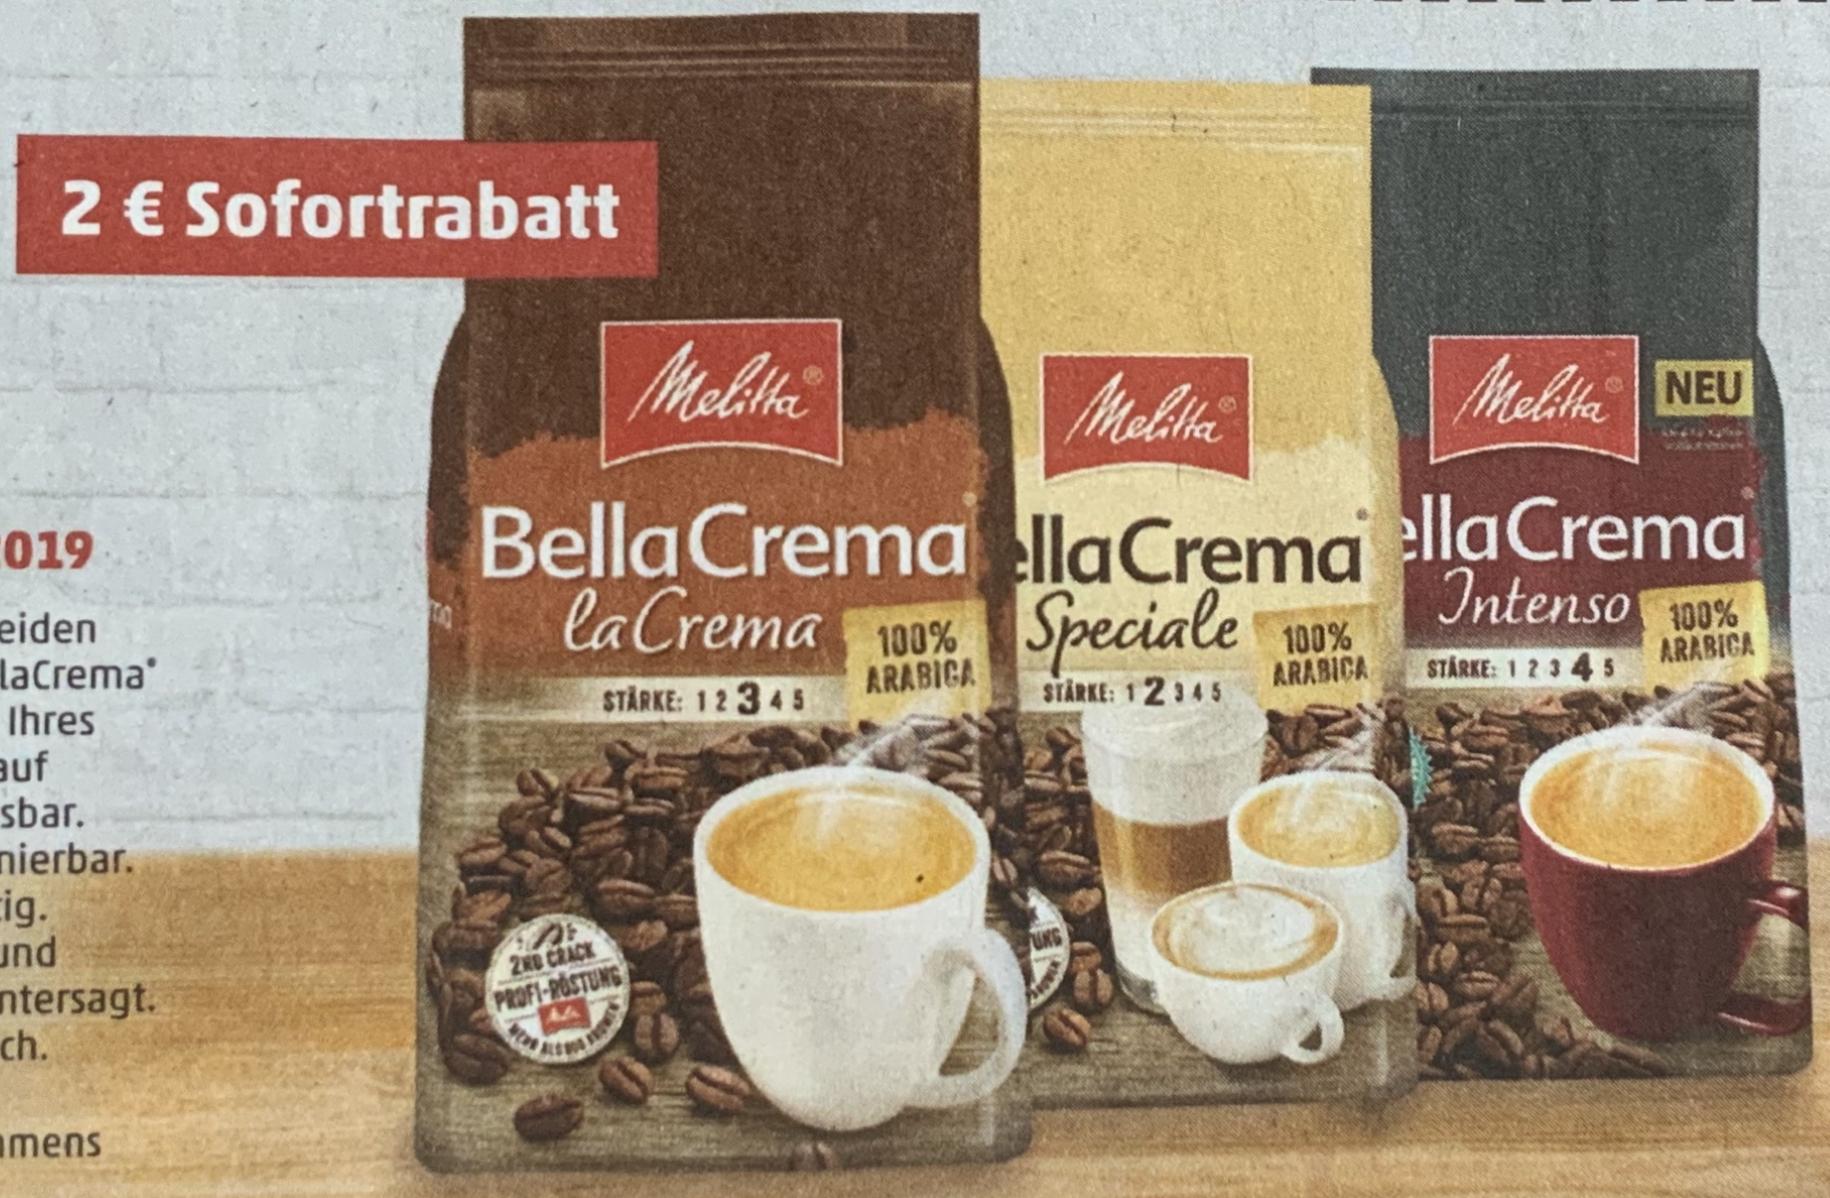 Melitta BellaCrema Kaffeebohnen verschiedene Sorten 1000g. Packung für je 6,88€ durch 2€ Sofortrabatt